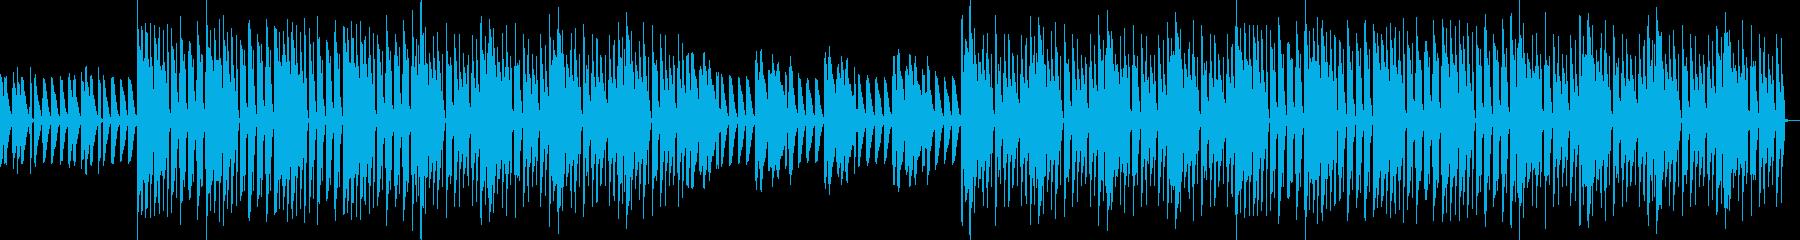 おしゃれ・低音重視・EDM・ベース12の再生済みの波形